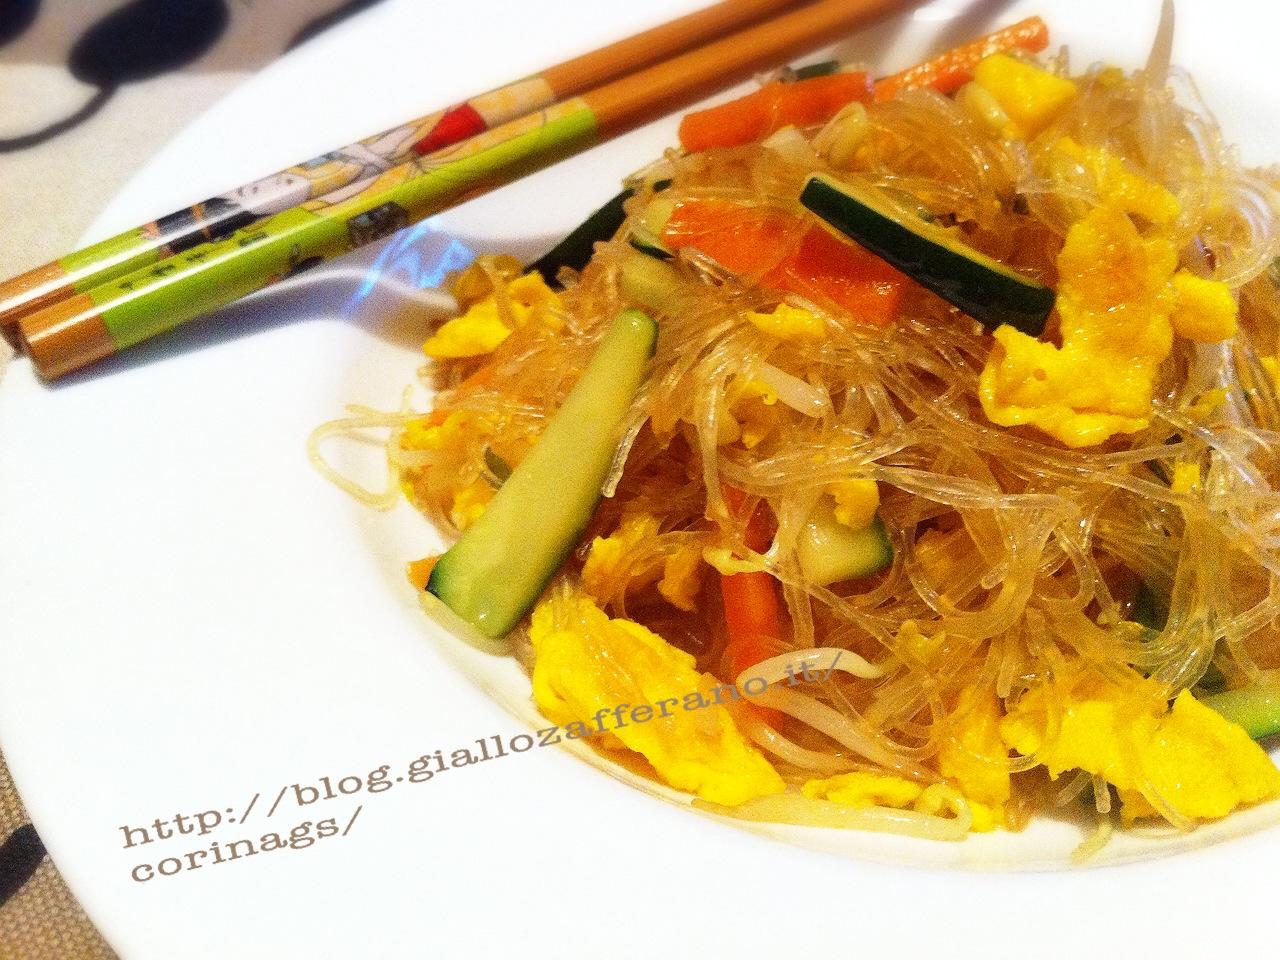 Spaghetti soia con verdure e uova CorinaGS